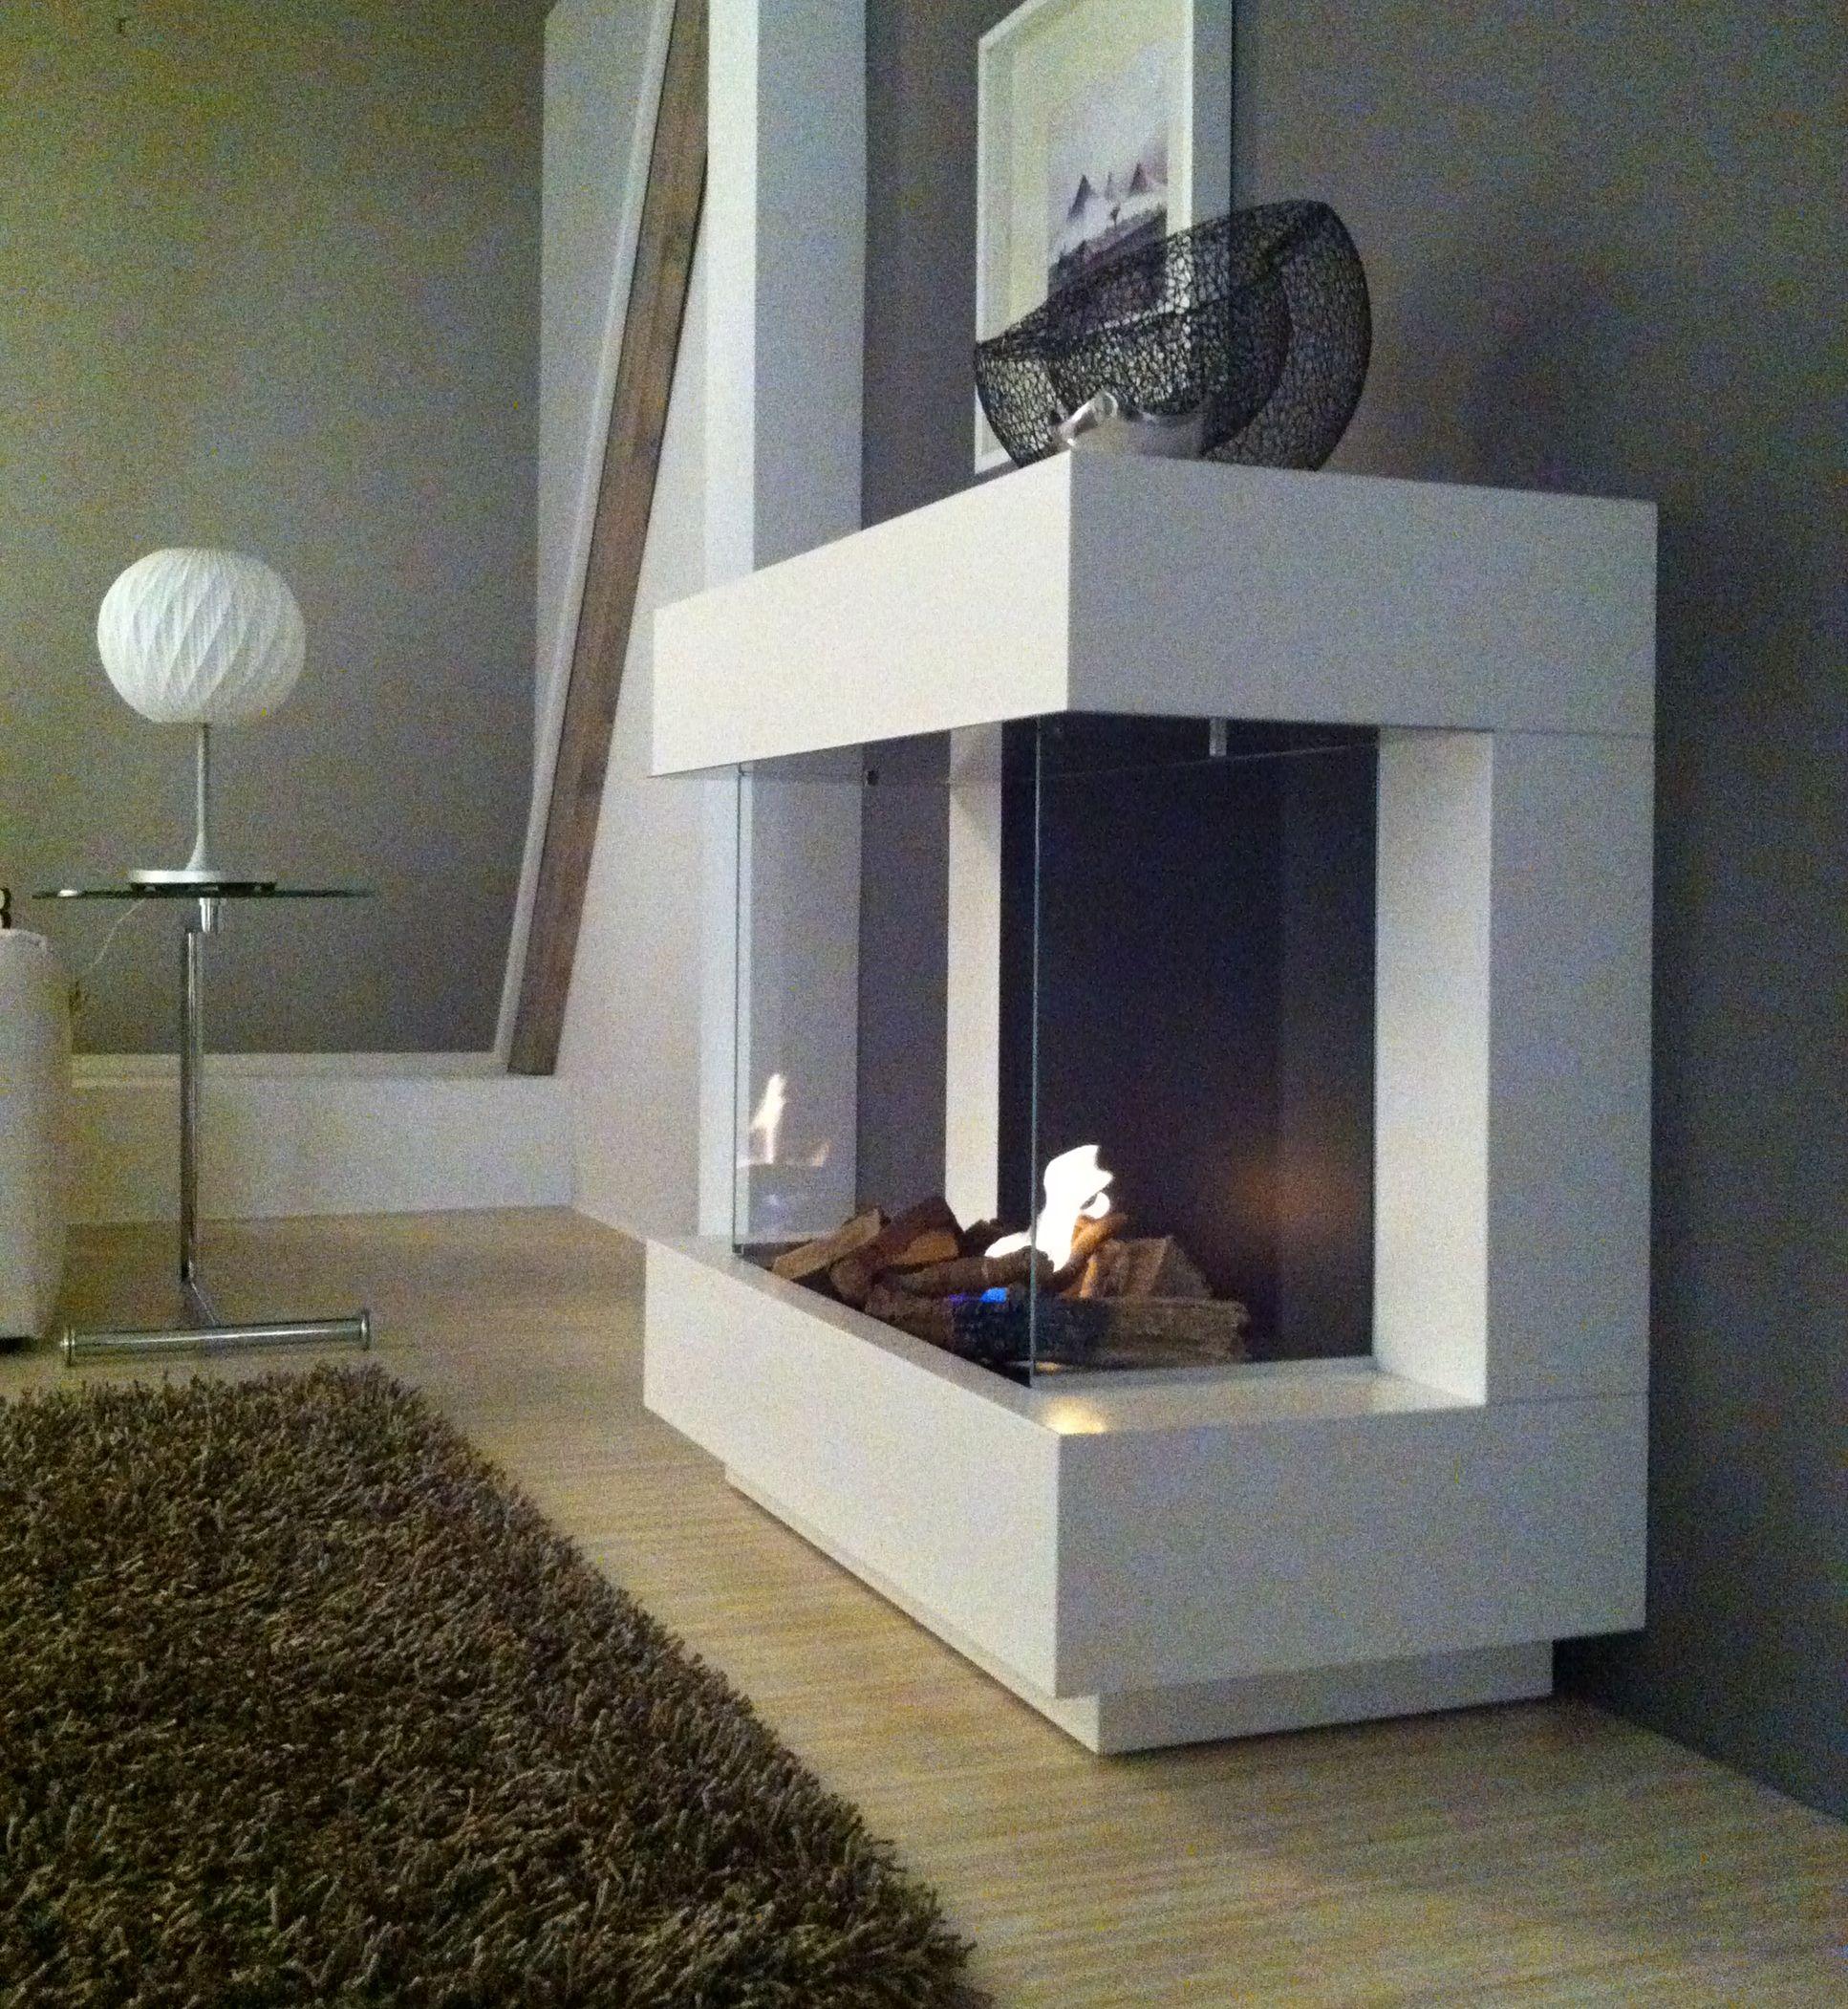 ethanolkamin concept 4 be ist vom t v m nchen gepr ft nach din4734. Black Bedroom Furniture Sets. Home Design Ideas